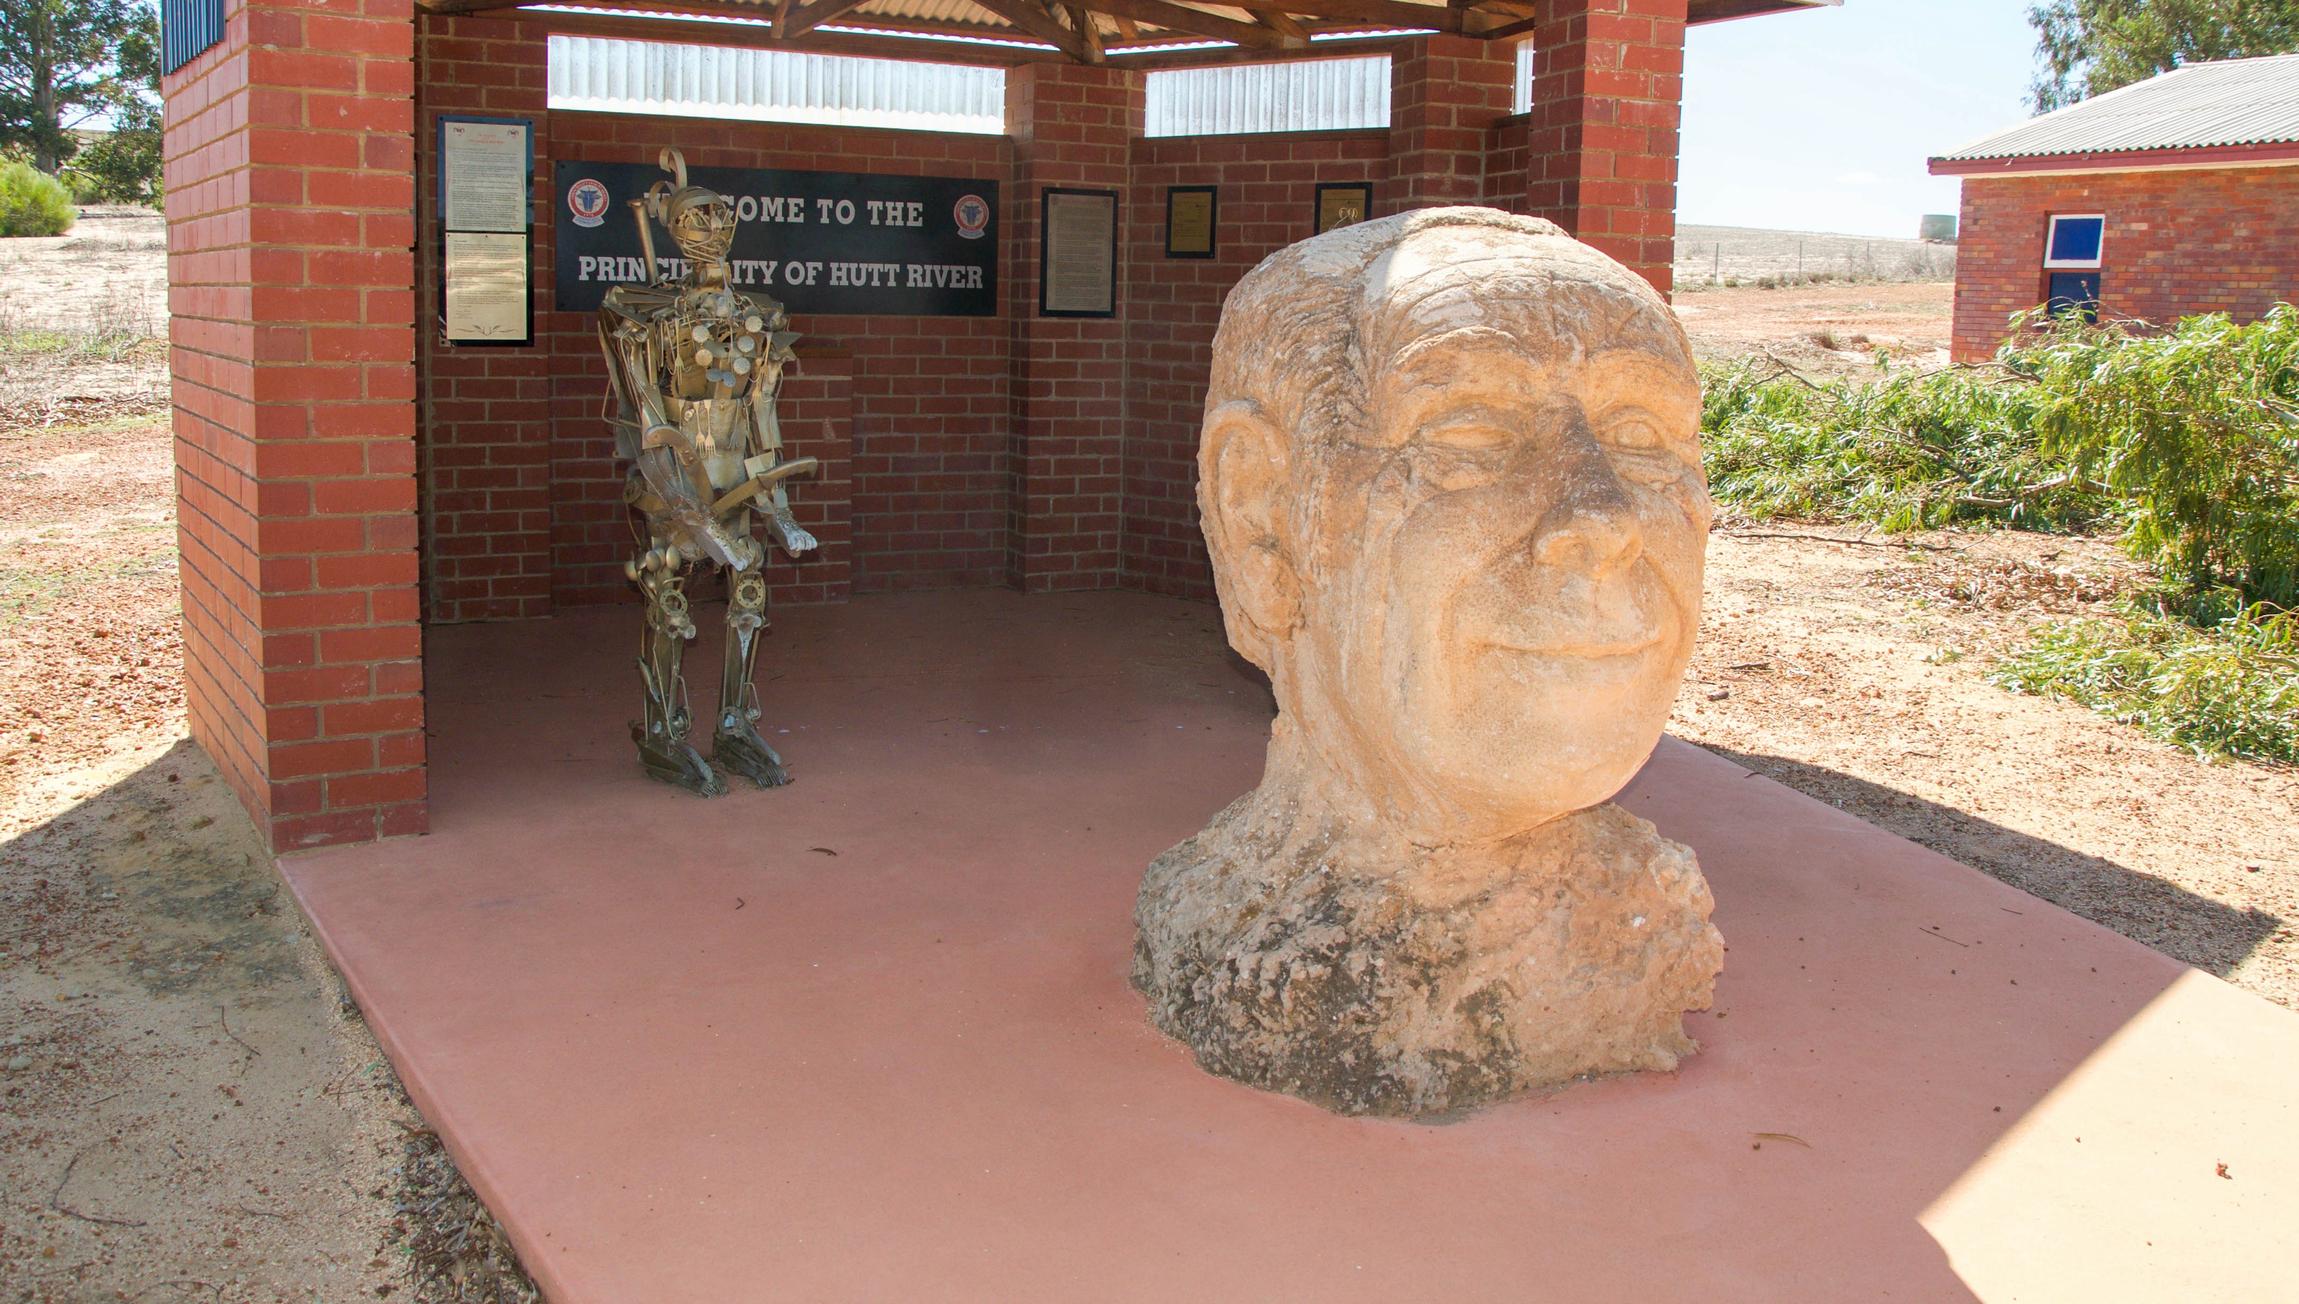 """Княжество на река Хът, Австралия<br /> Самопровъзгласената микронация, населяваща територия от 75 кв. км, се заражда през 70-те години на ХХ в. с опита на Леонард Джордж Касли да се противопостави на австралийското правителство. Касли основава """"страната"""" в отговор на спор с правителството на Западна Австралия за това, което смята за драконовски квоти за производство на пшеница, както и данъците. Така и до днес в Западна Австралия в близост до гр. Пърт съществува микронацията Княжество река Хът със собствено управление, валута, официални езици английски, френски и есперанто и население от над 18 000 души."""